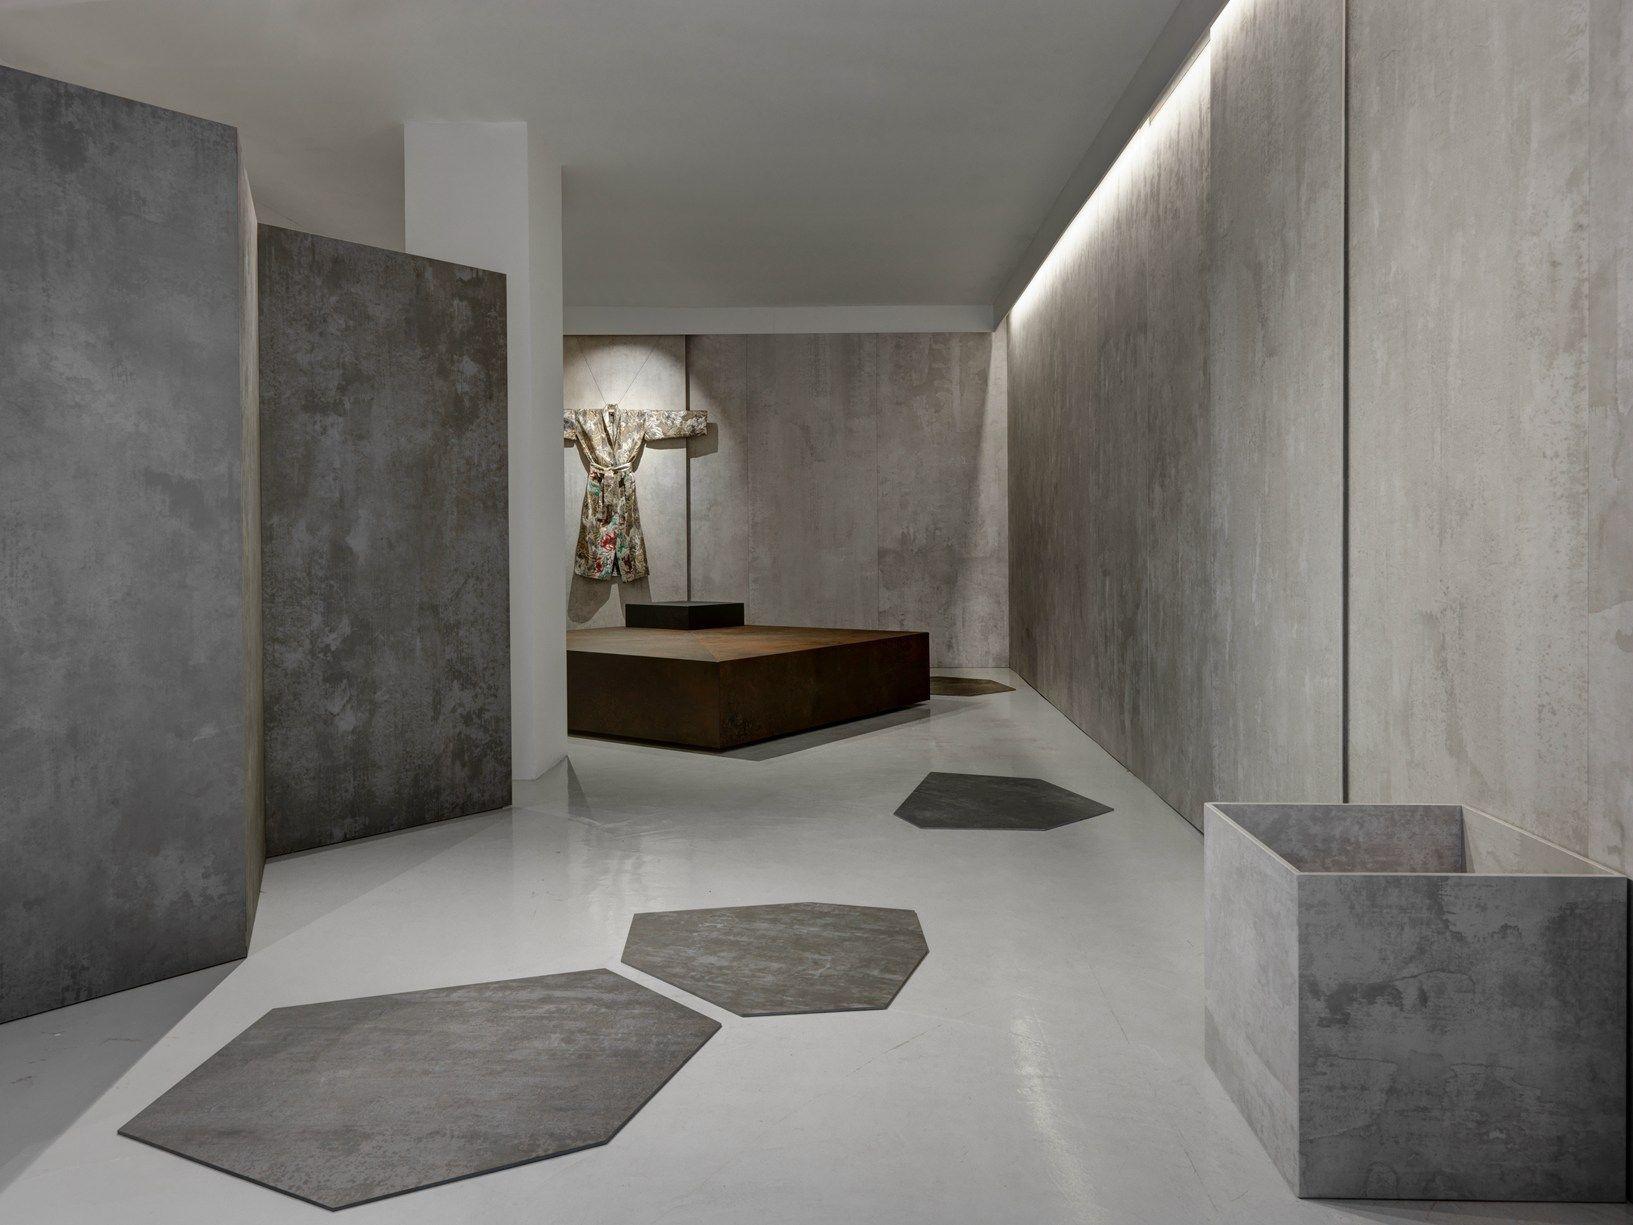 Toto with laminam 39 design exchange 39 - Pavimentos ceramicos interiores ...